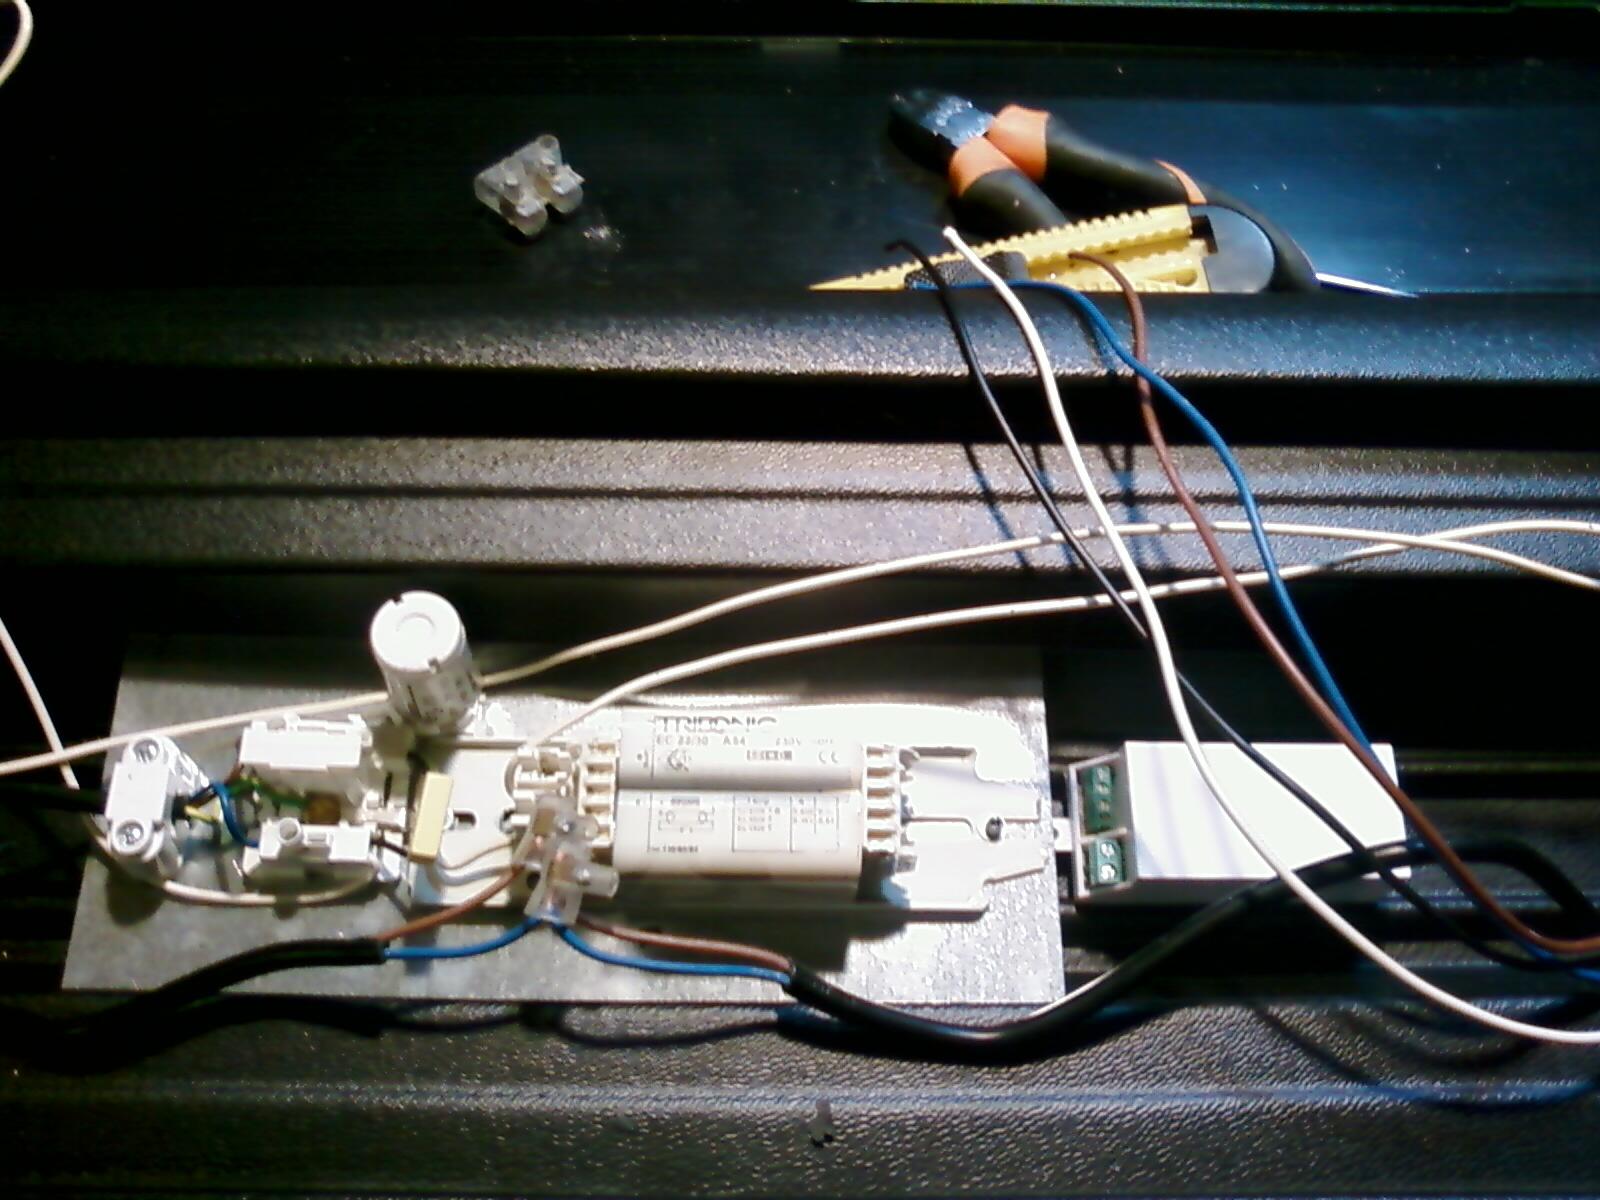 Schema Collegamento Neon : Ova lampade emergenza schema collegamento luxury ova lampade